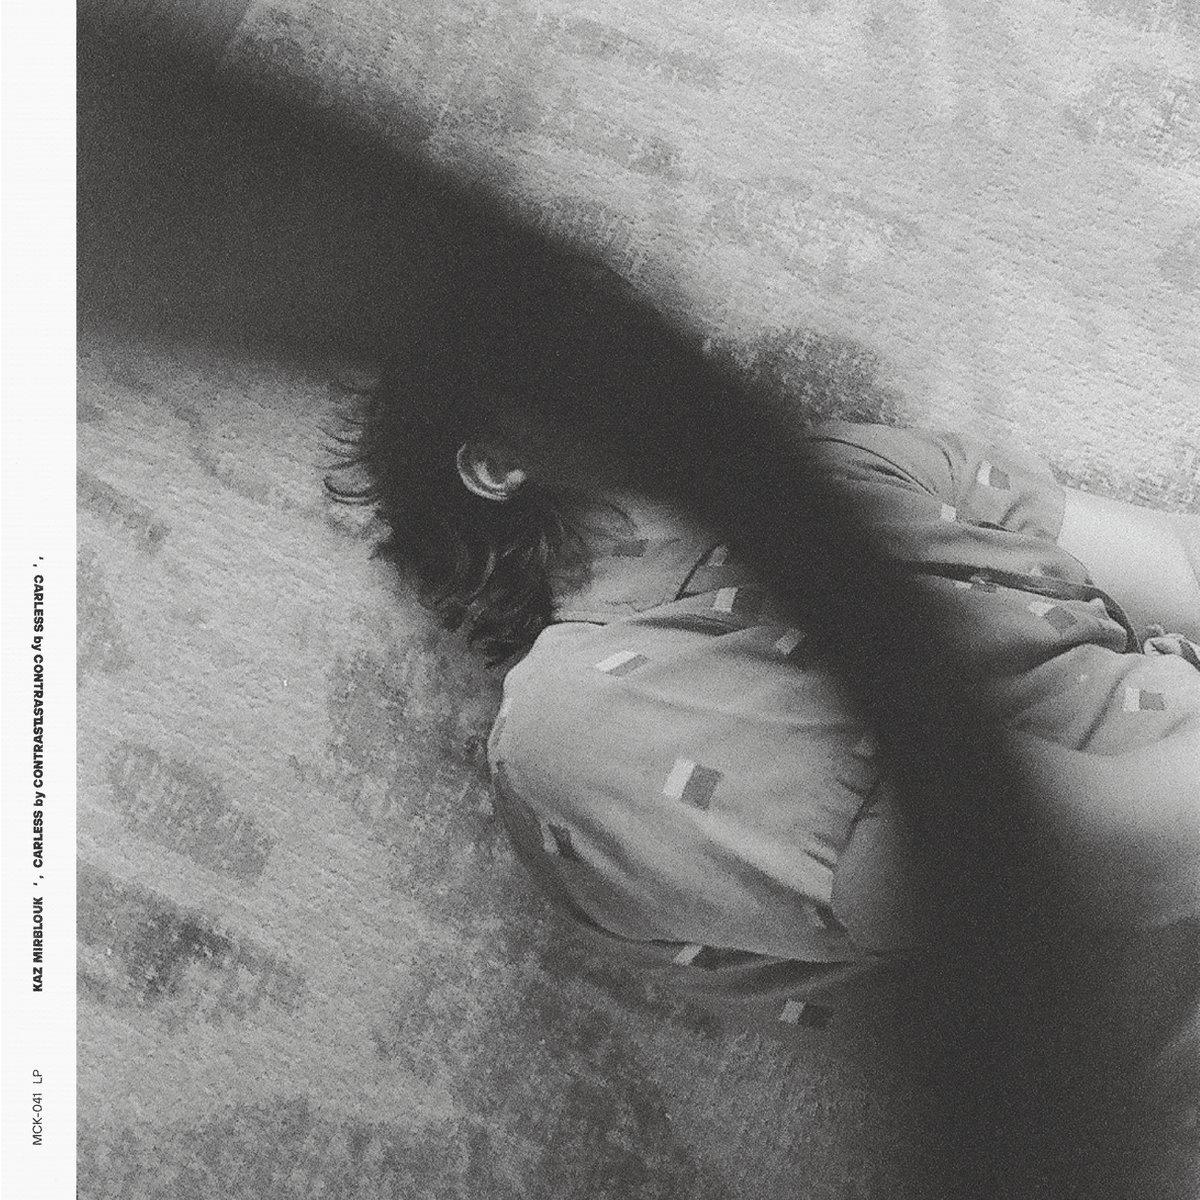 Kaz Mirblouk - Careless by Contrast